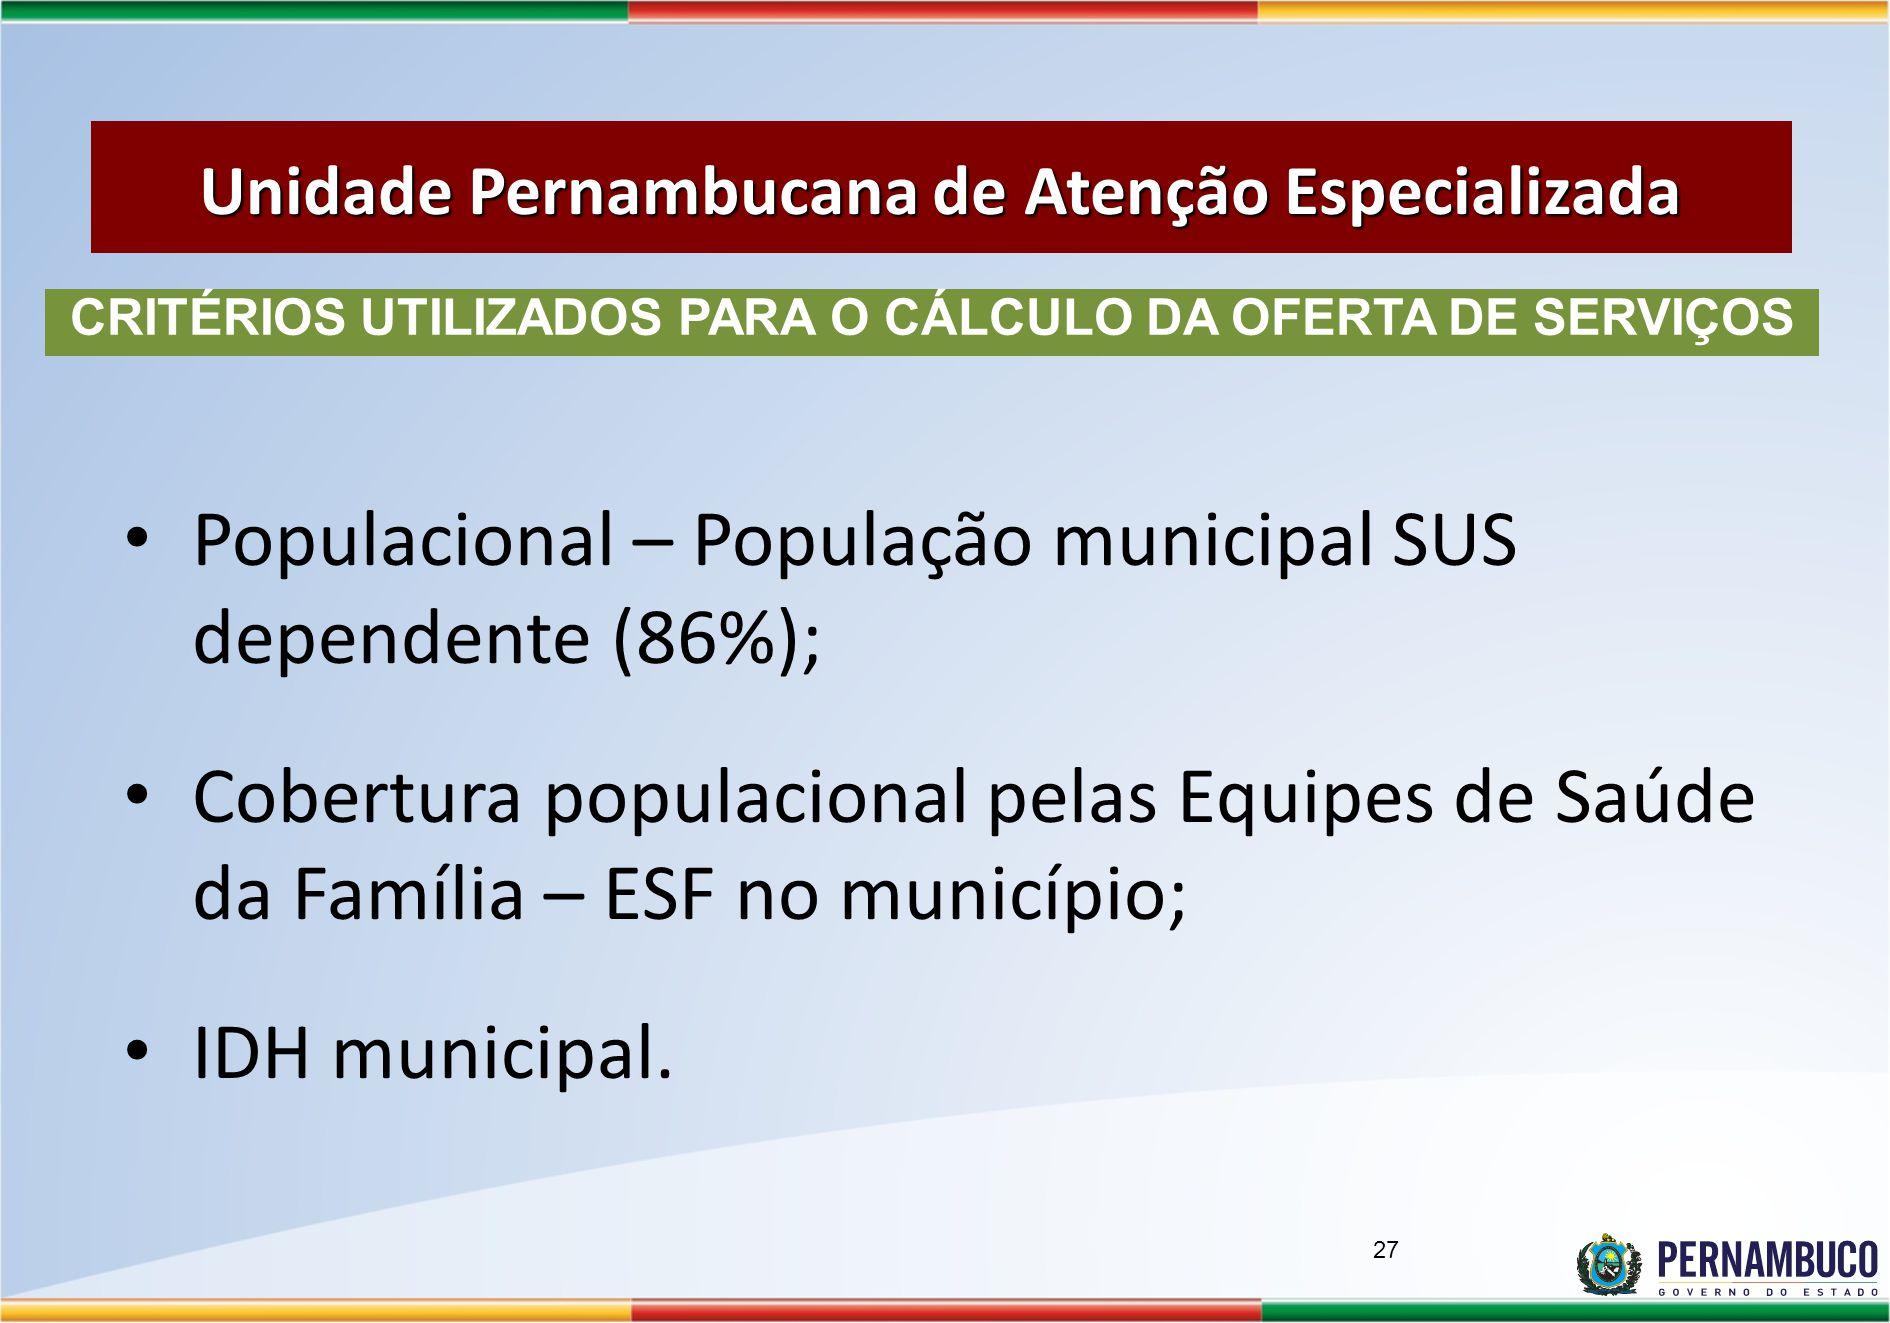 Populacional – População municipal SUS dependente (86%); Cobertura populacional pelas Equipes de Saúde da Família – ESF no município; IDH municipal.